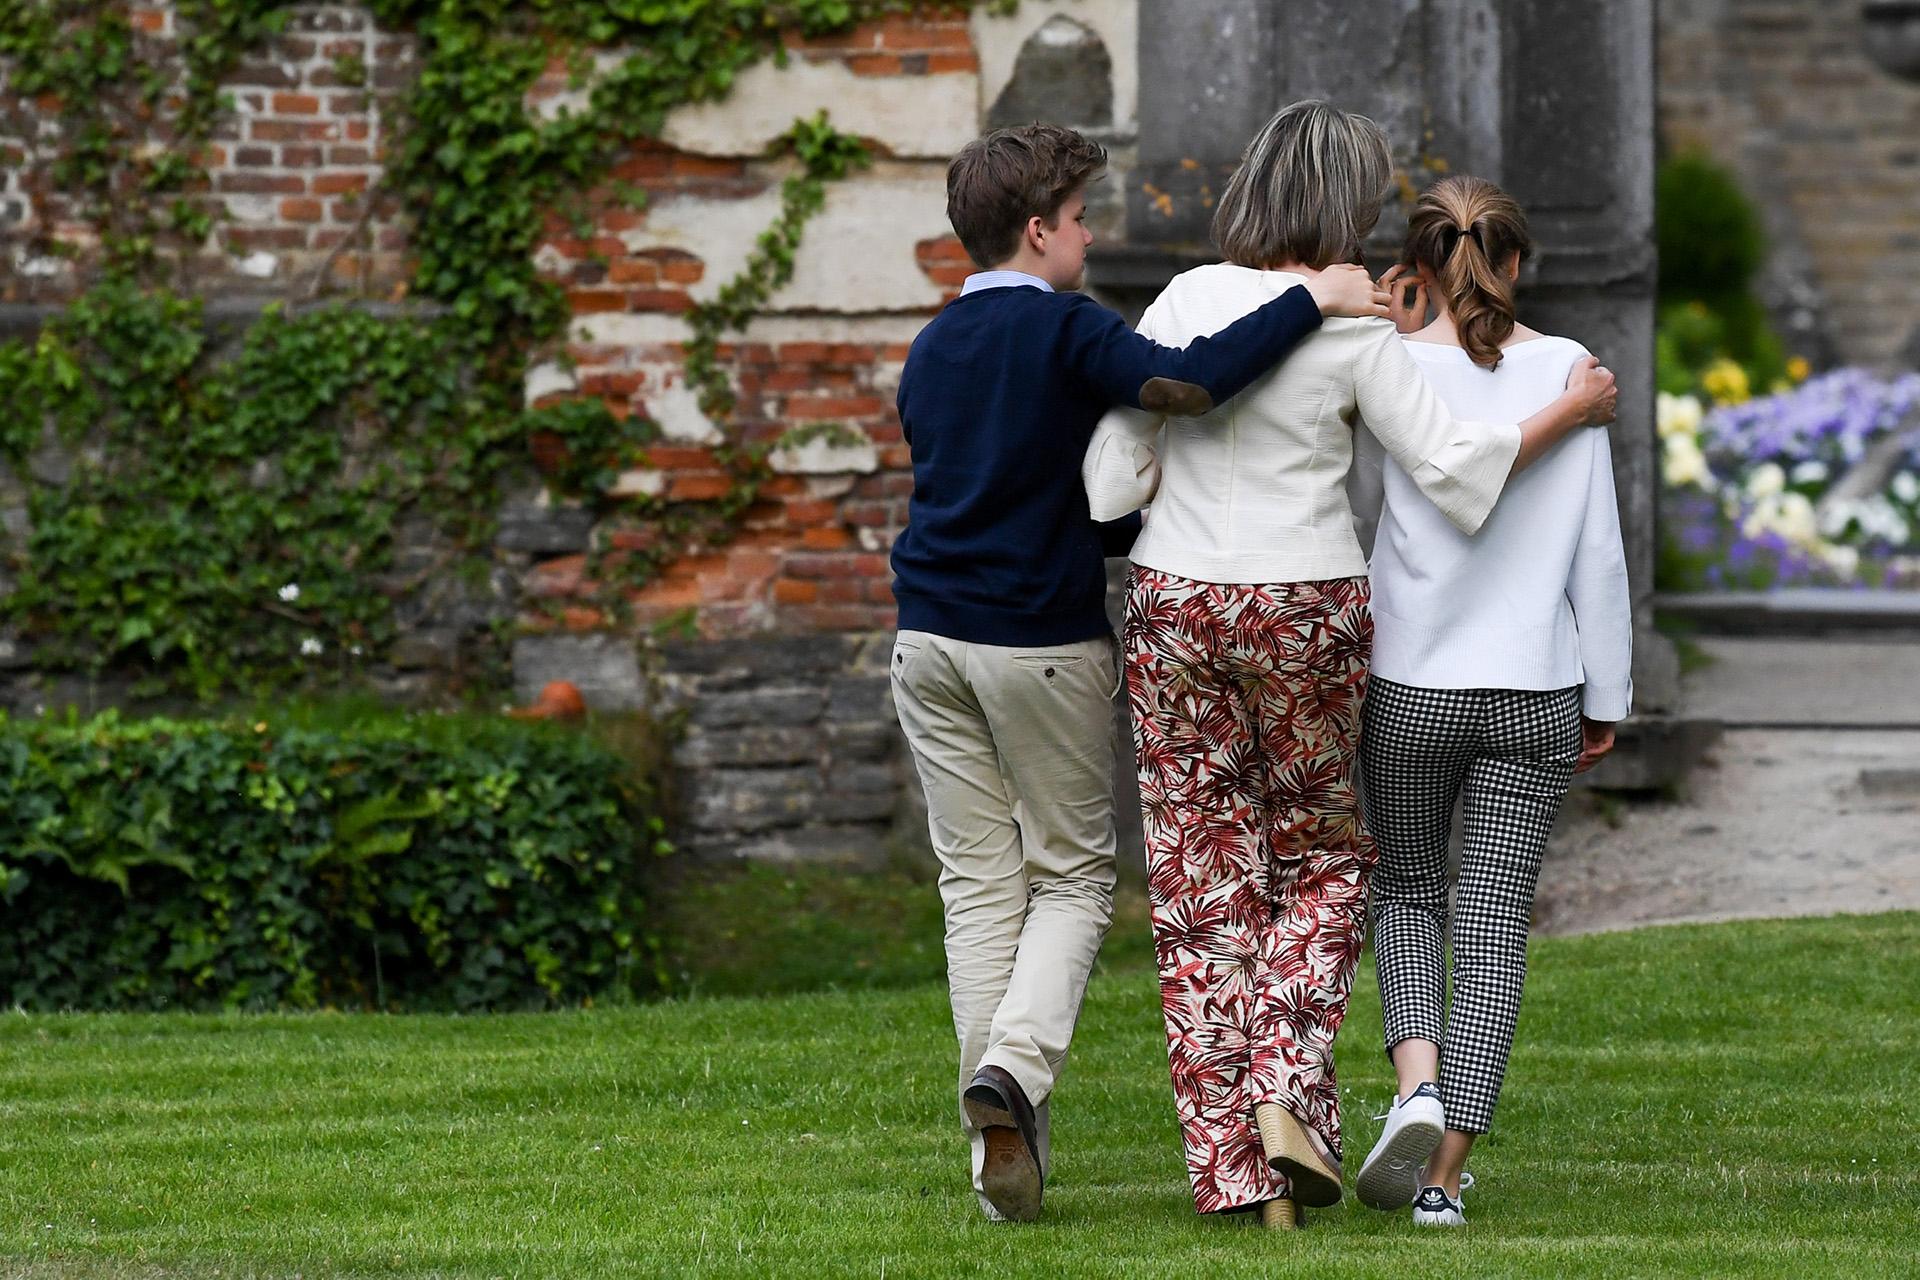 La monarca disfrutó de una divertida jornada en familia y caminó abrazada con sus hijos